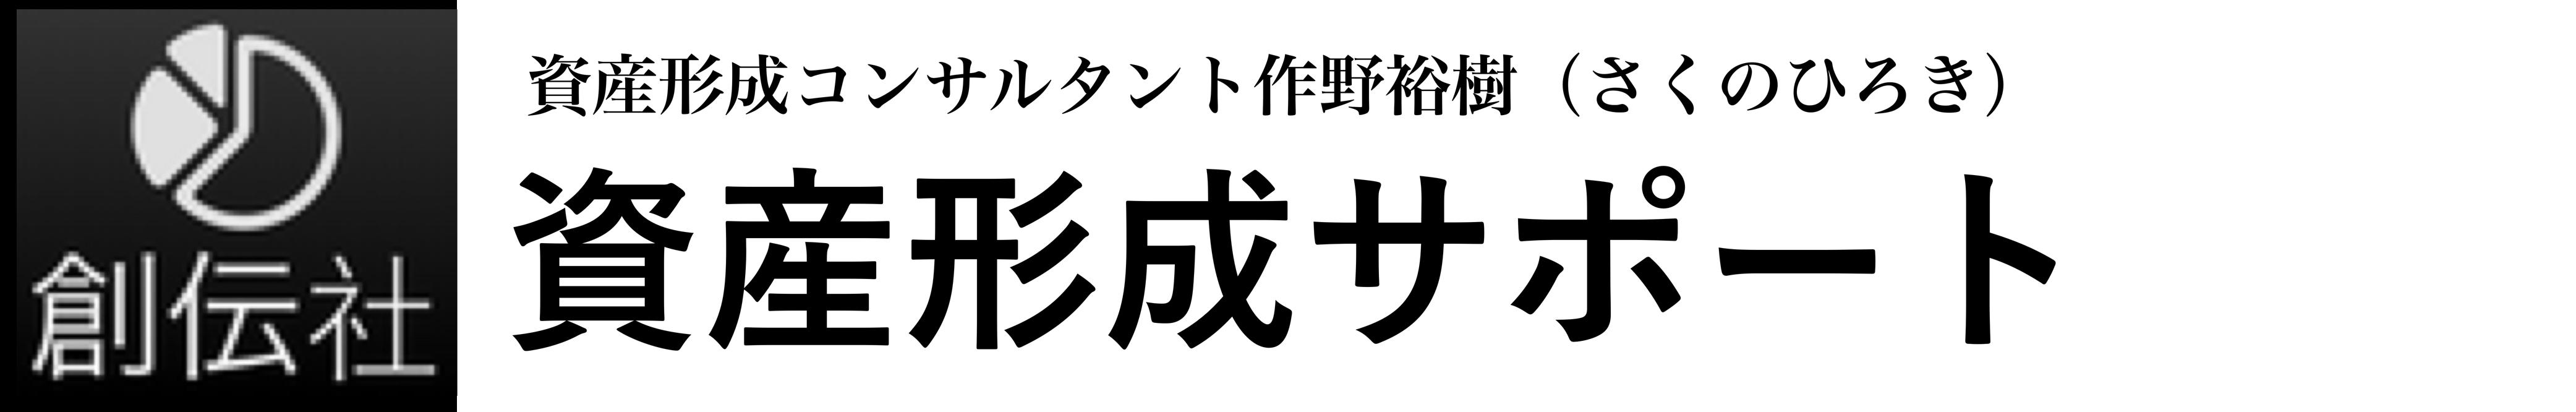 資産形成コンサルタント 作野裕樹(さくのひろき) 創伝社